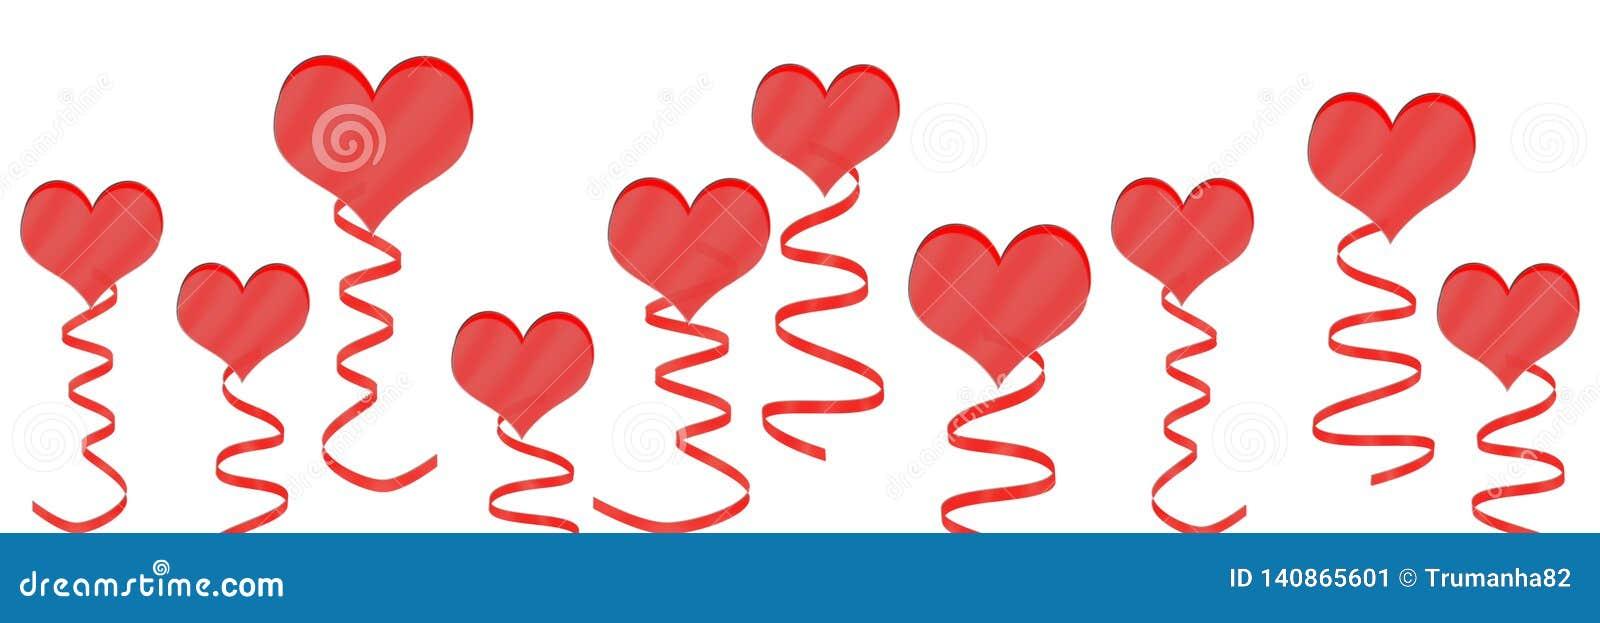 Corações e fitas vermelhos no fundo branco